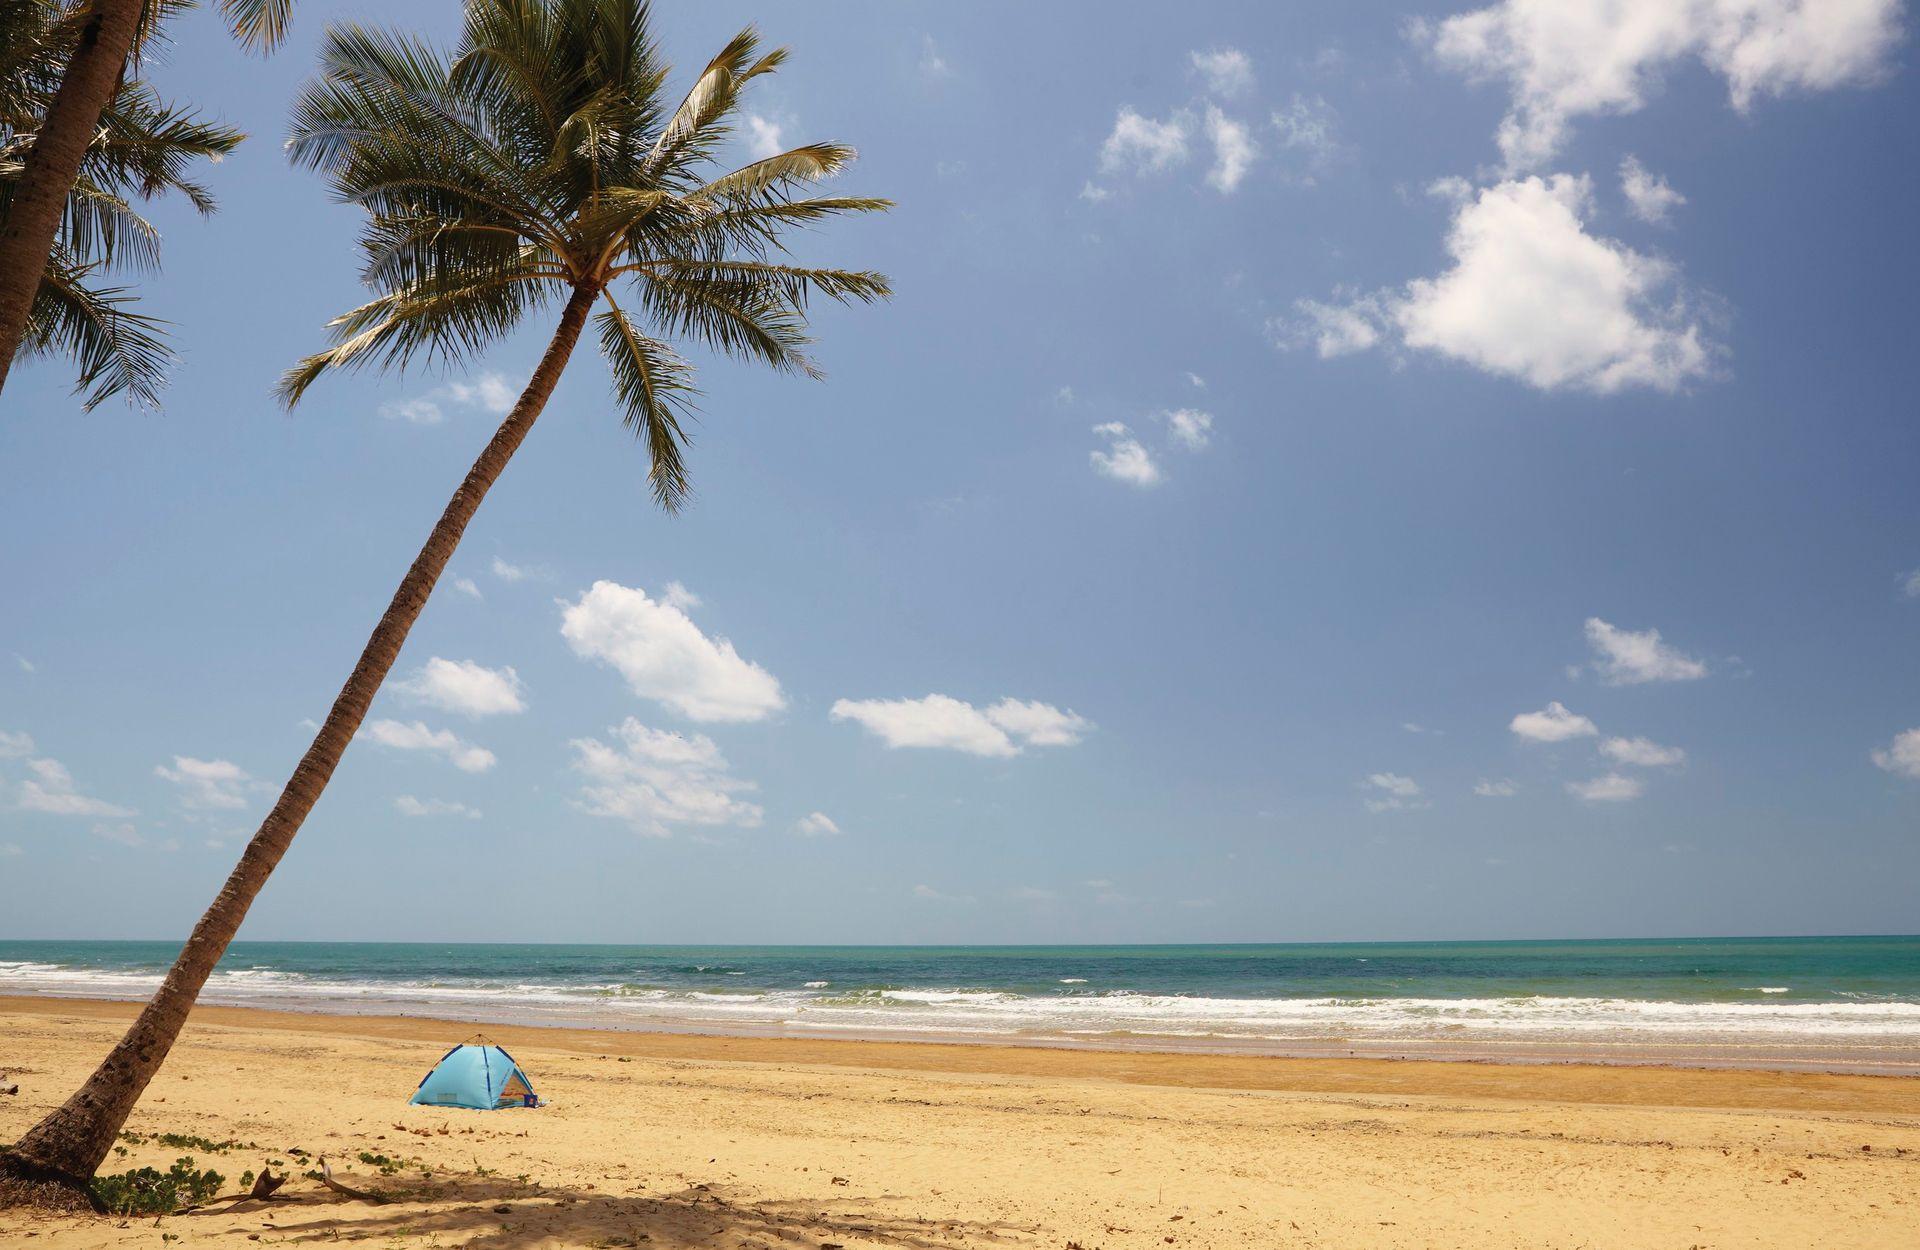 Het strand van Airlie Beach is heerlijk om te relaxen aan de Oostkust van Australië.